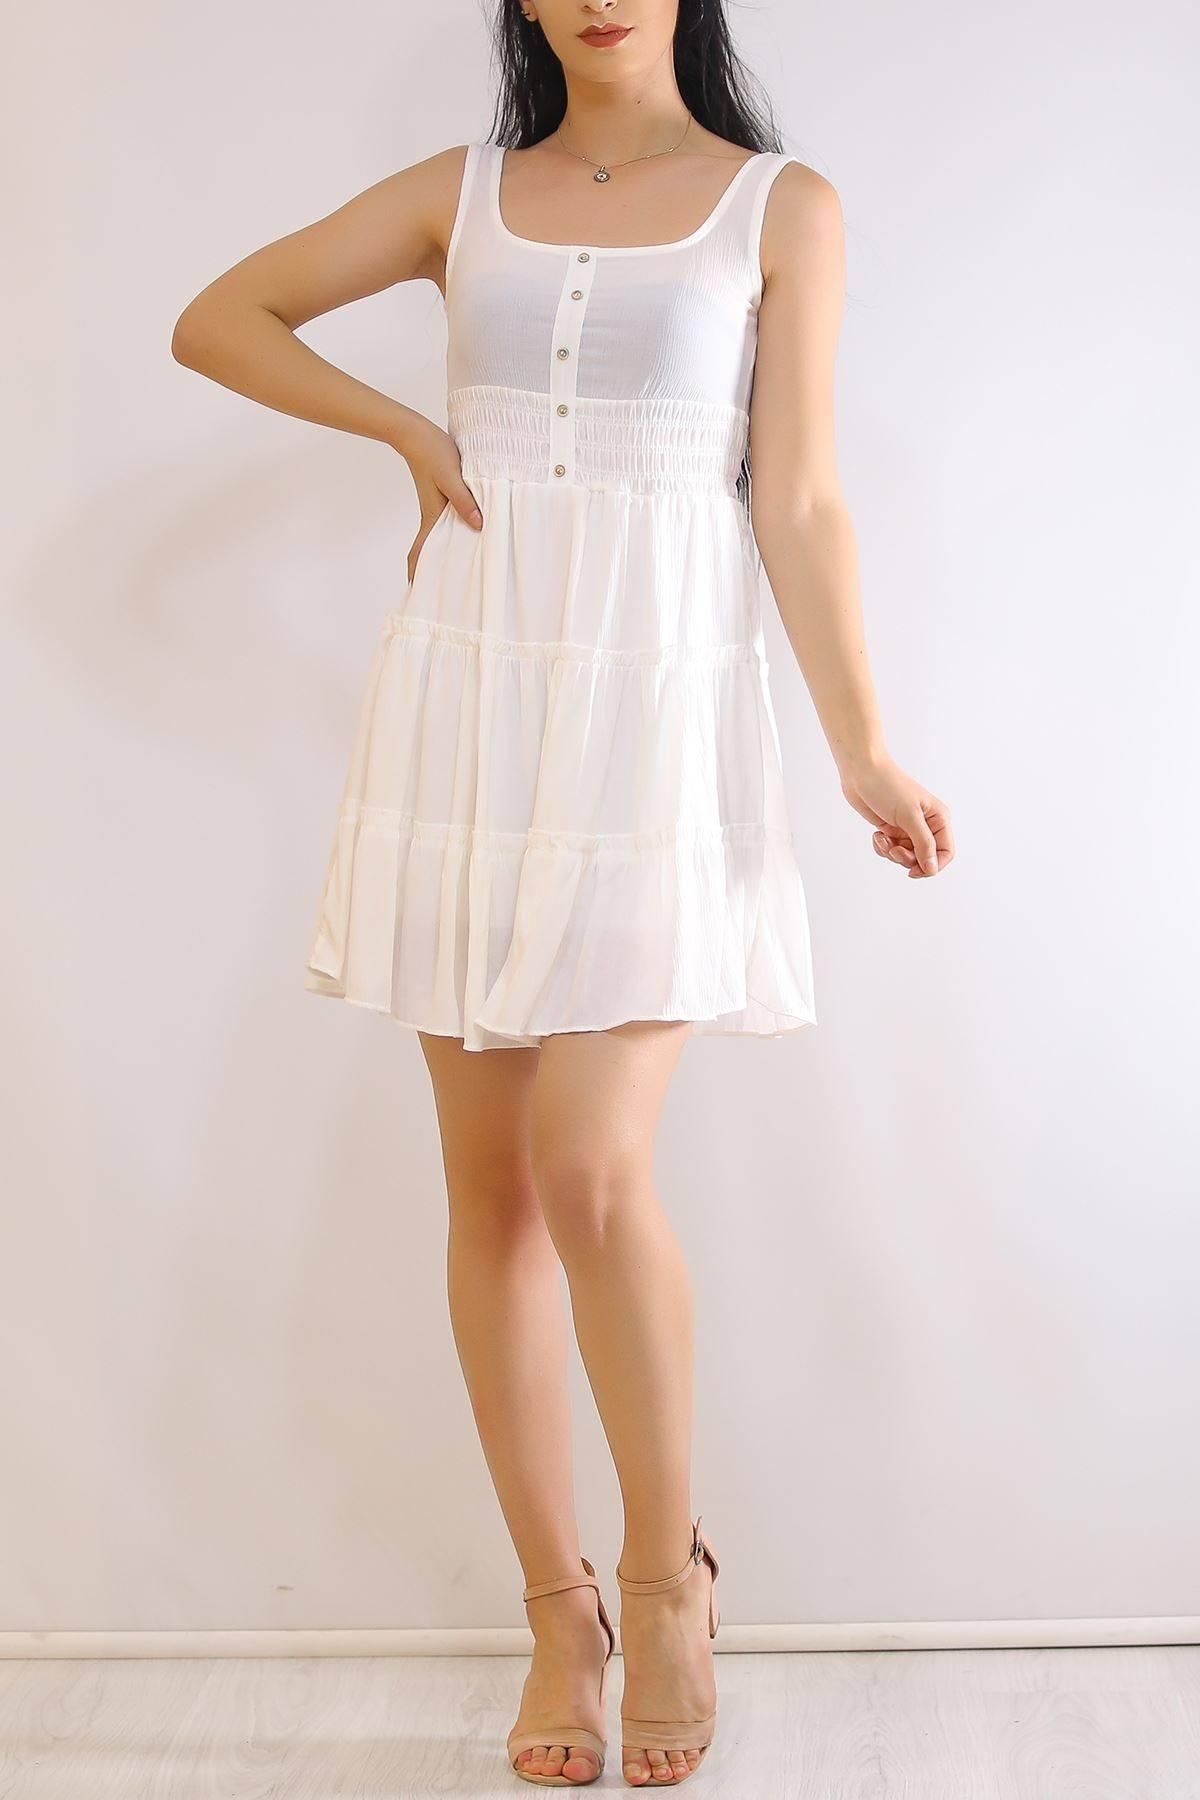 Düğmeli Askılı Elbise Beyaz - 21117.101.